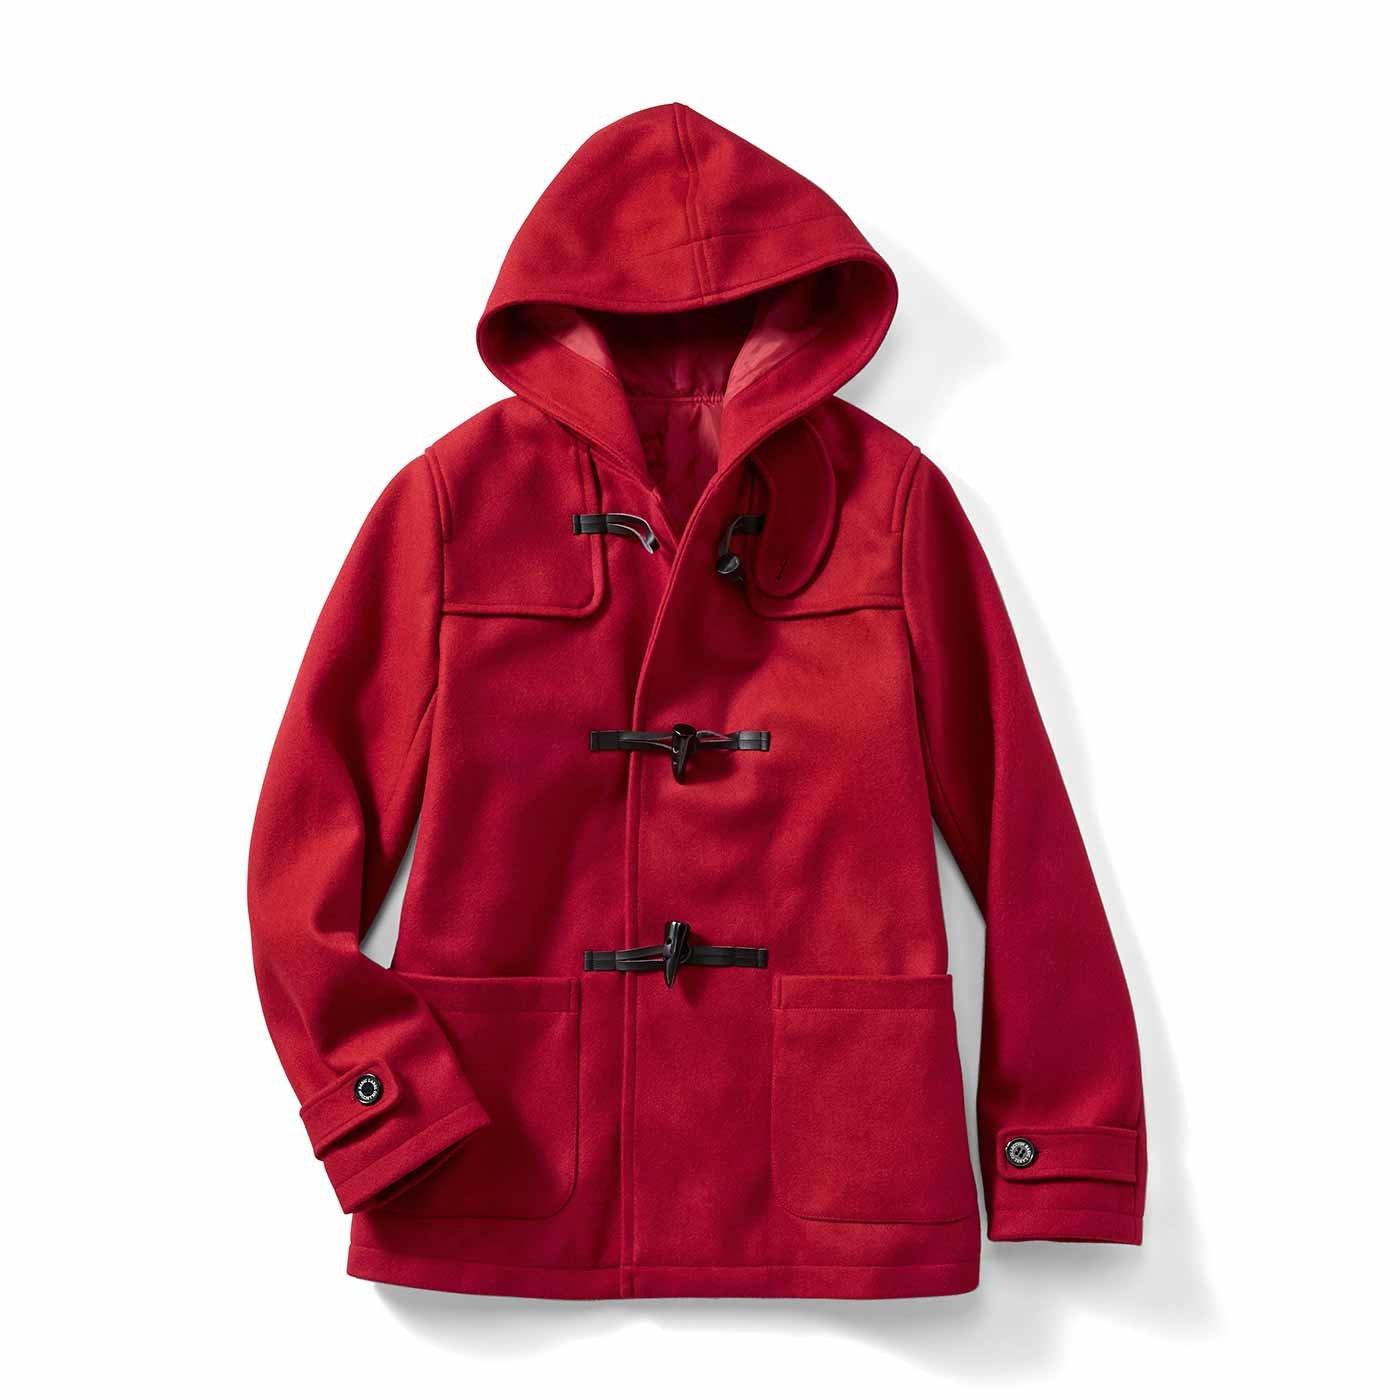 IEDIT[イディット] 裏キルティングで暖か 軽やかウール混素材のベストバランス大人ダッフルコート〈レッド〉